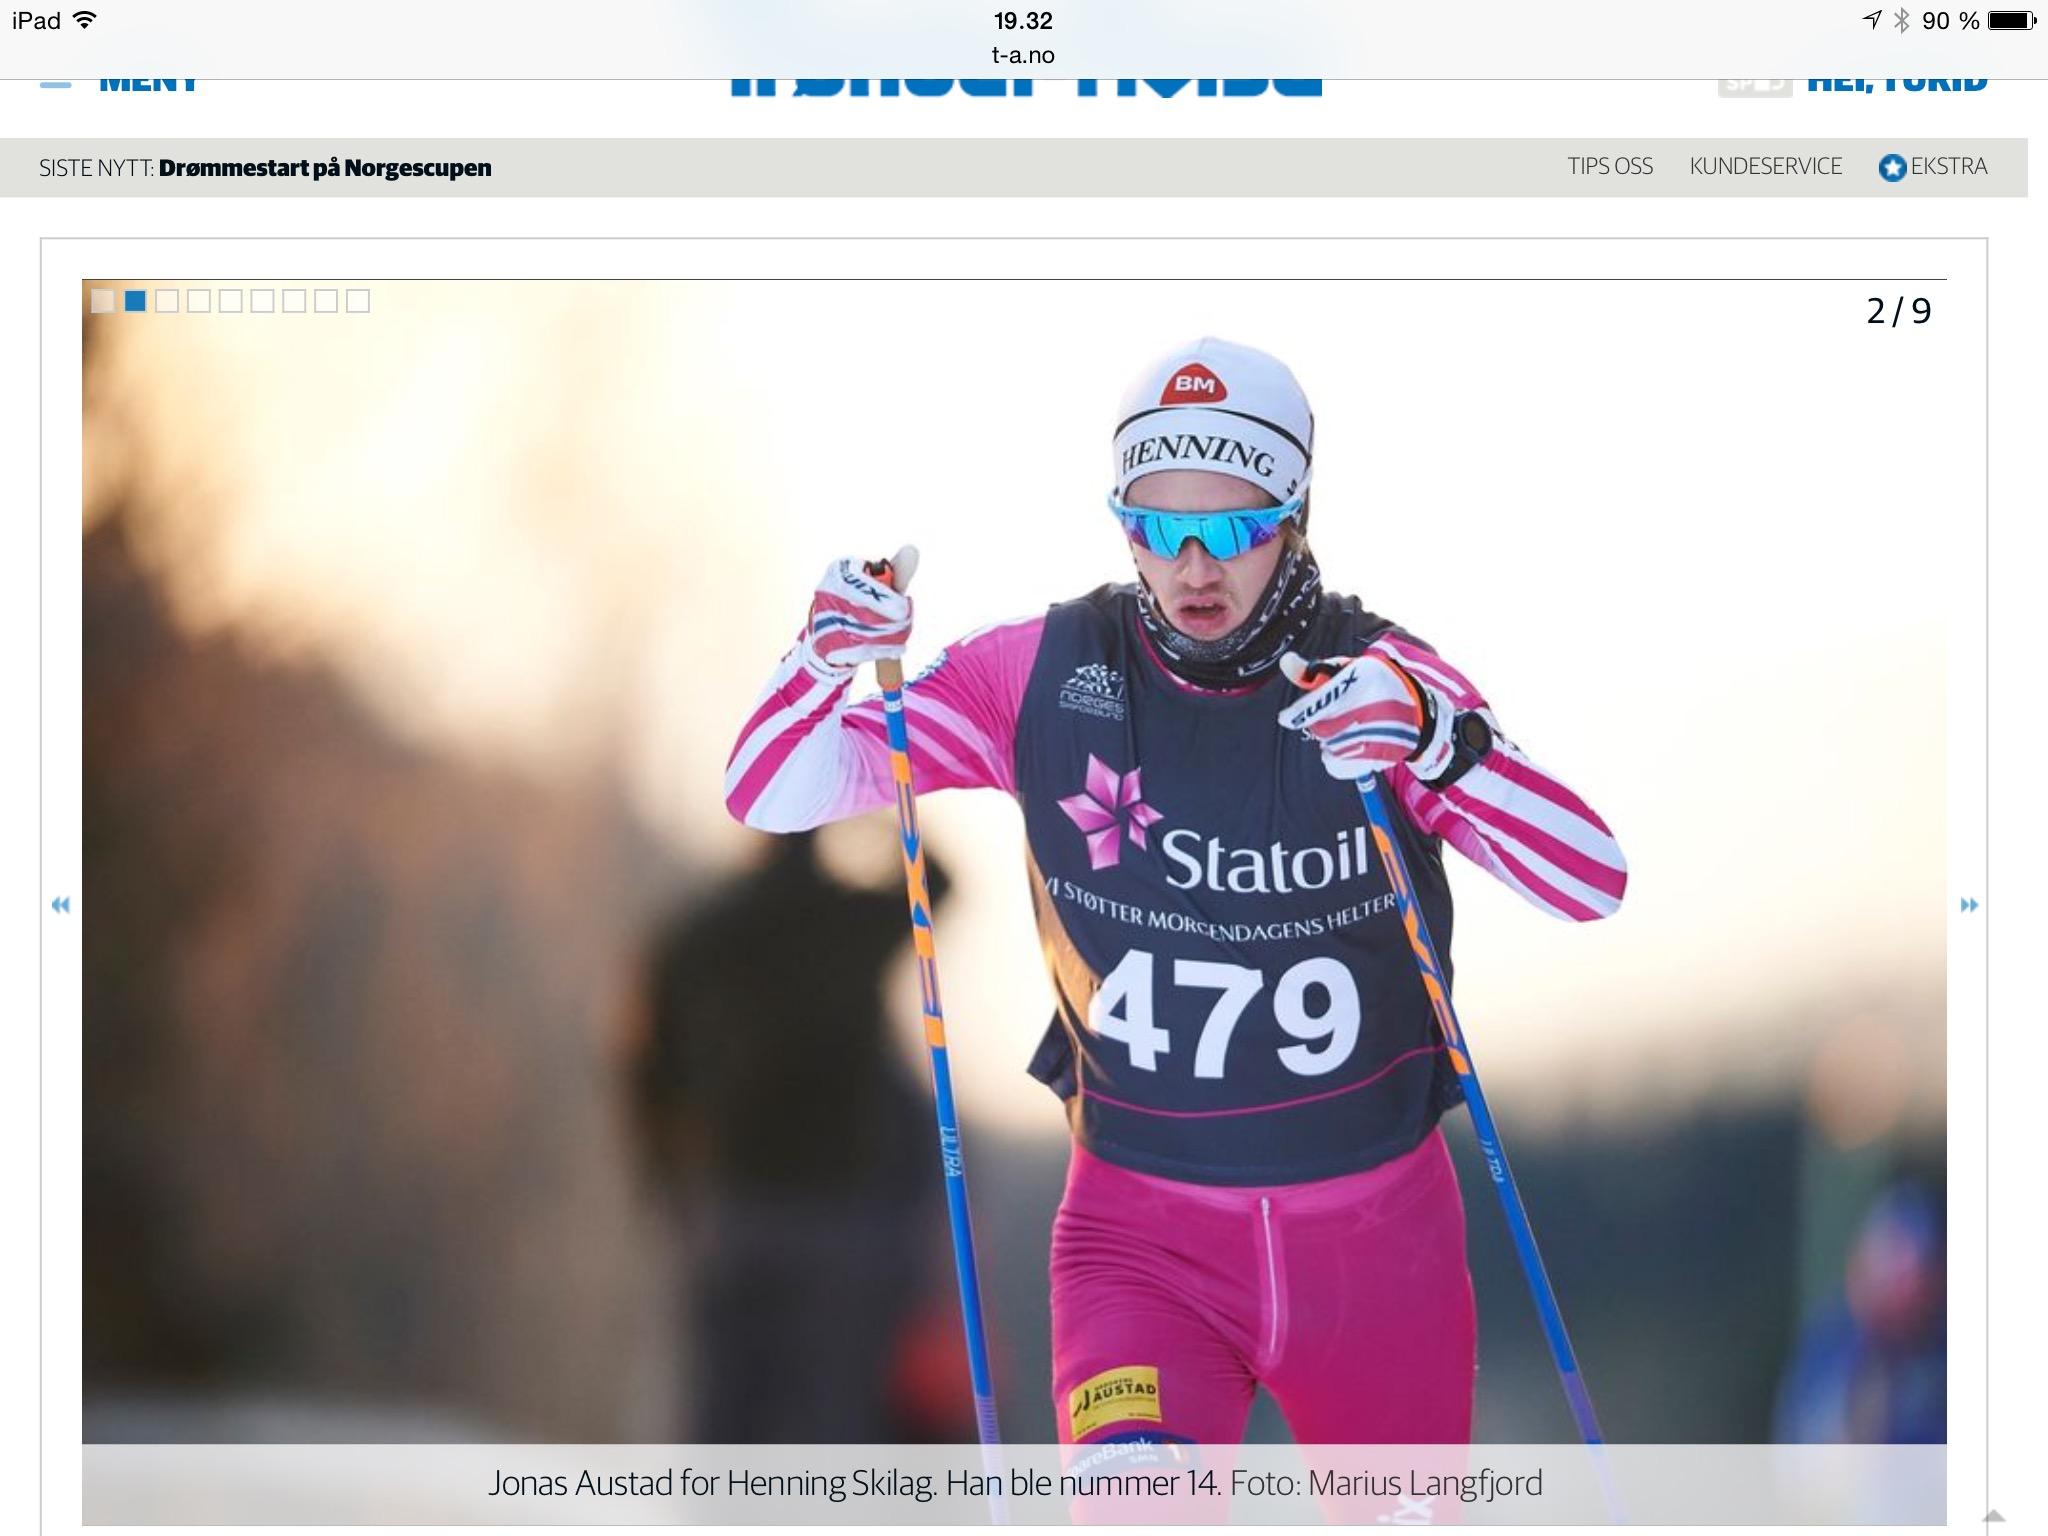 første vinner tour de ski